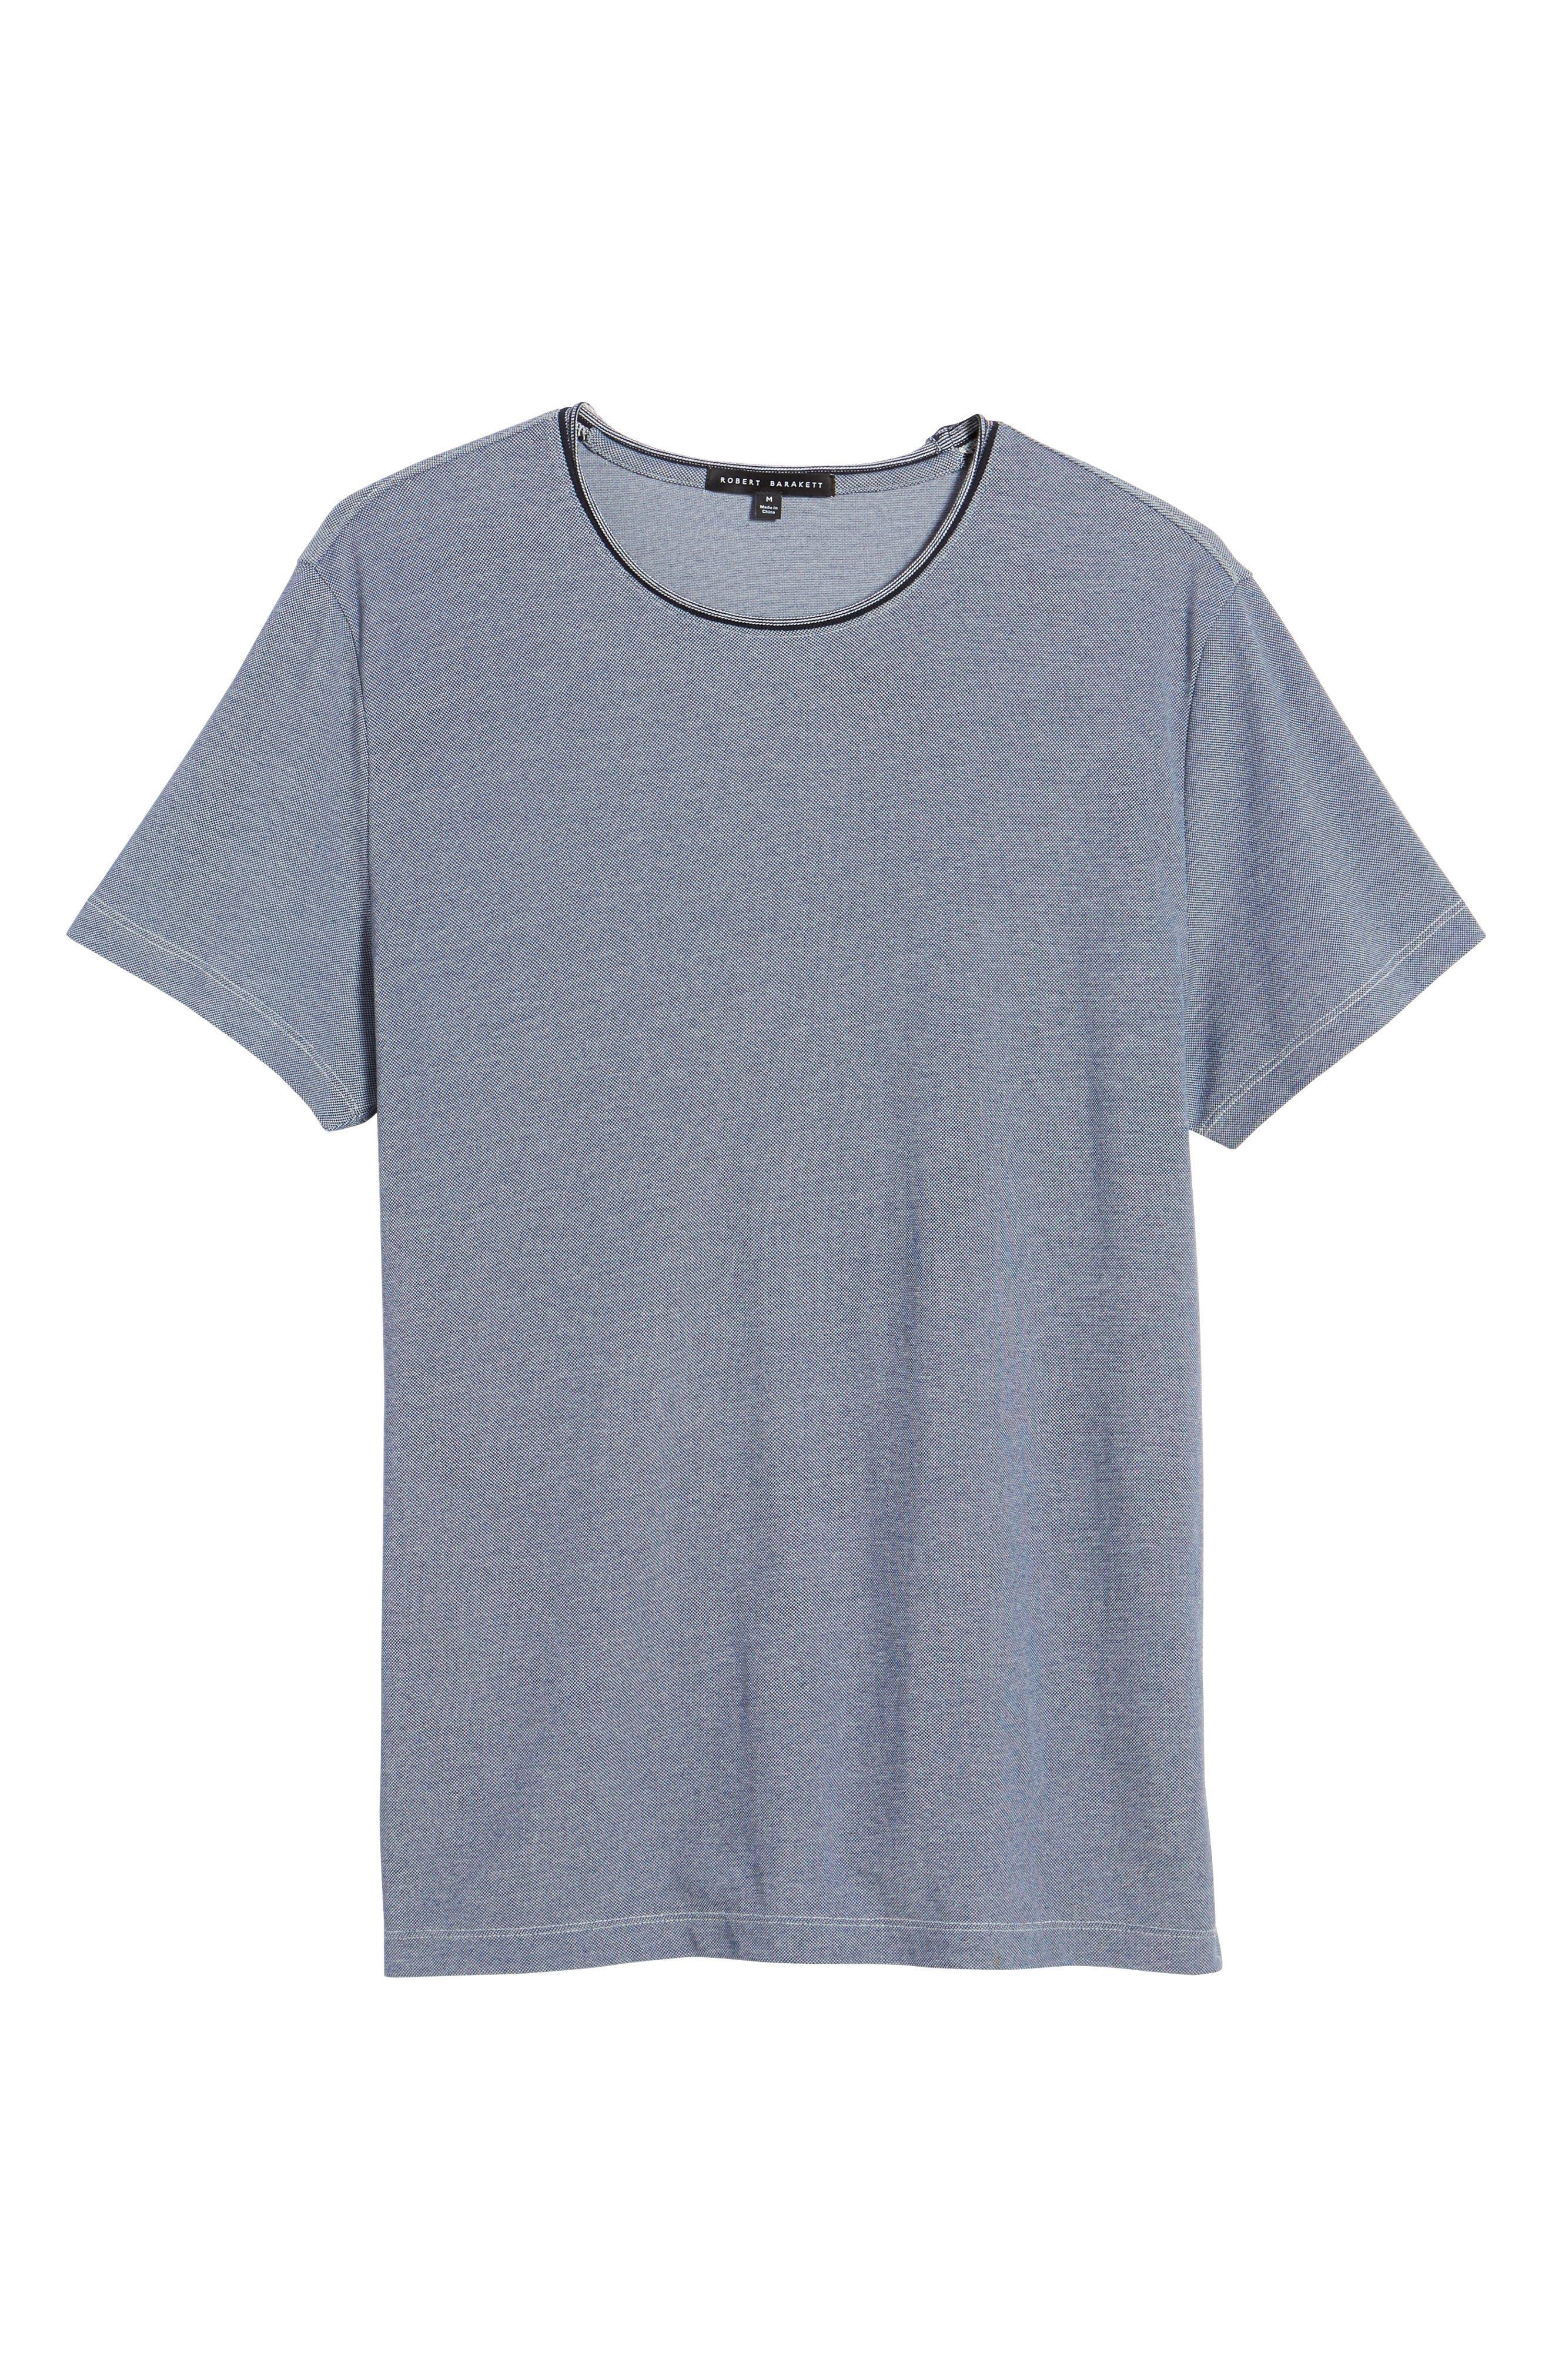 Grand Forks T-Shirt,                             Alternate thumbnail 6, color,                             Navy